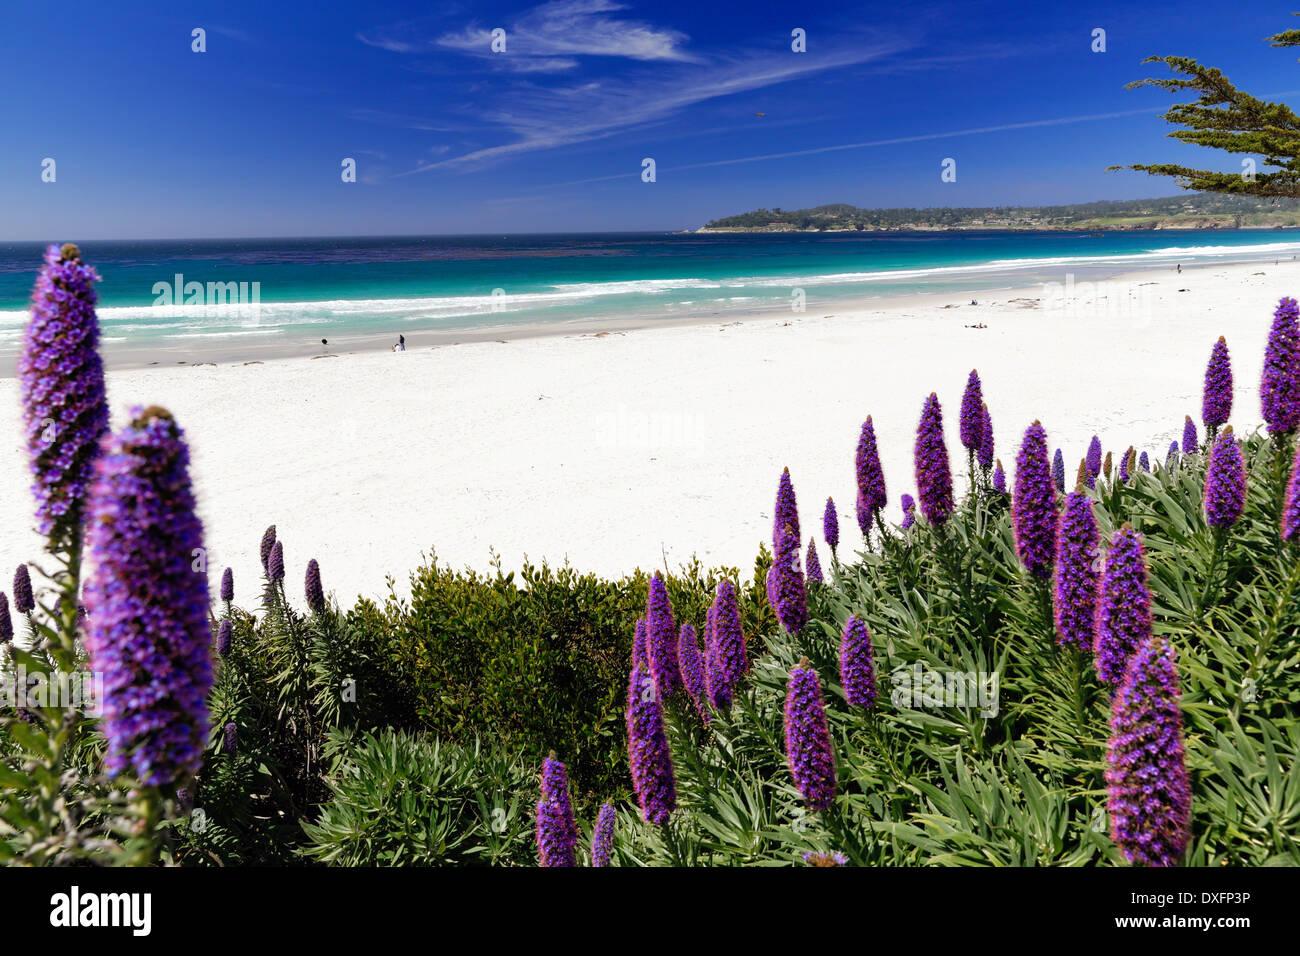 Flores silvestres (Orgullo de Madeira) florece a lo largo de la playa del Pacífico, Carmel por el mar, la Peninsula de Monterey, California. Imagen De Stock